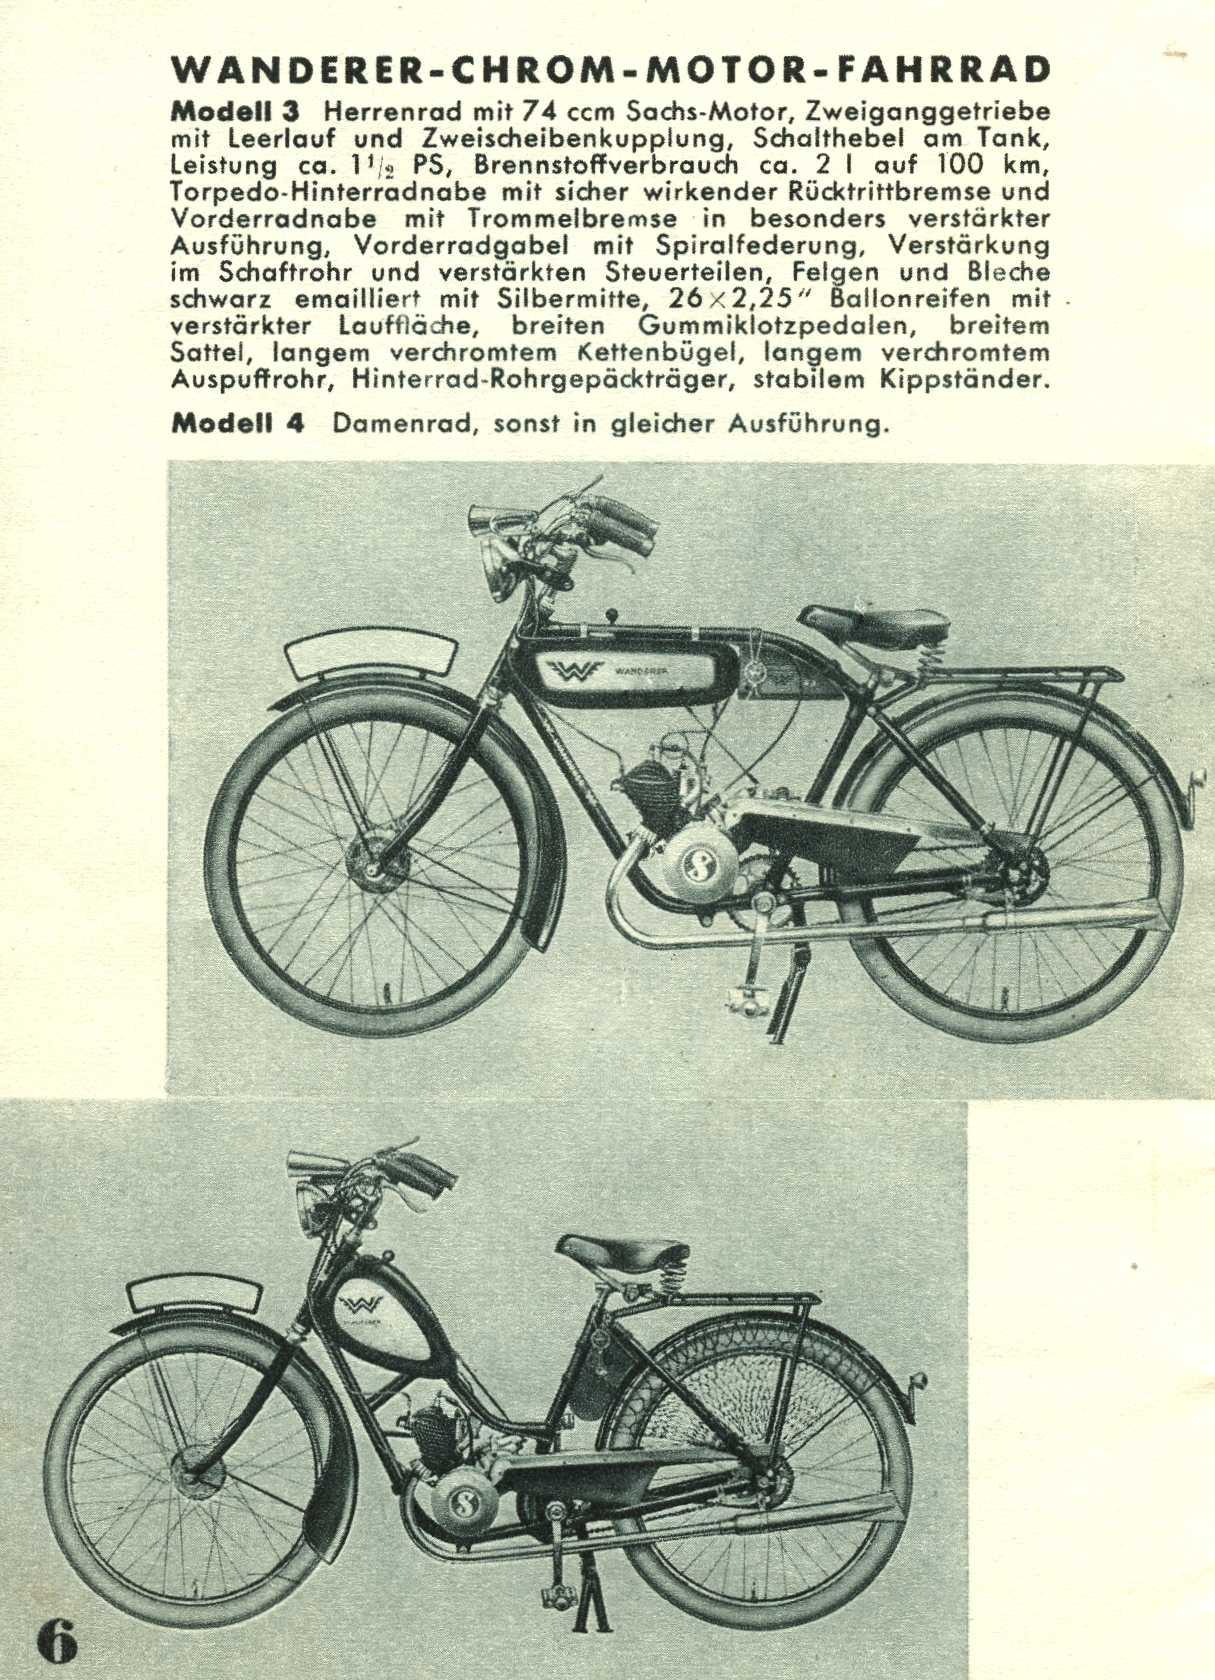 Исторические мотовелосипеды и двигатели.